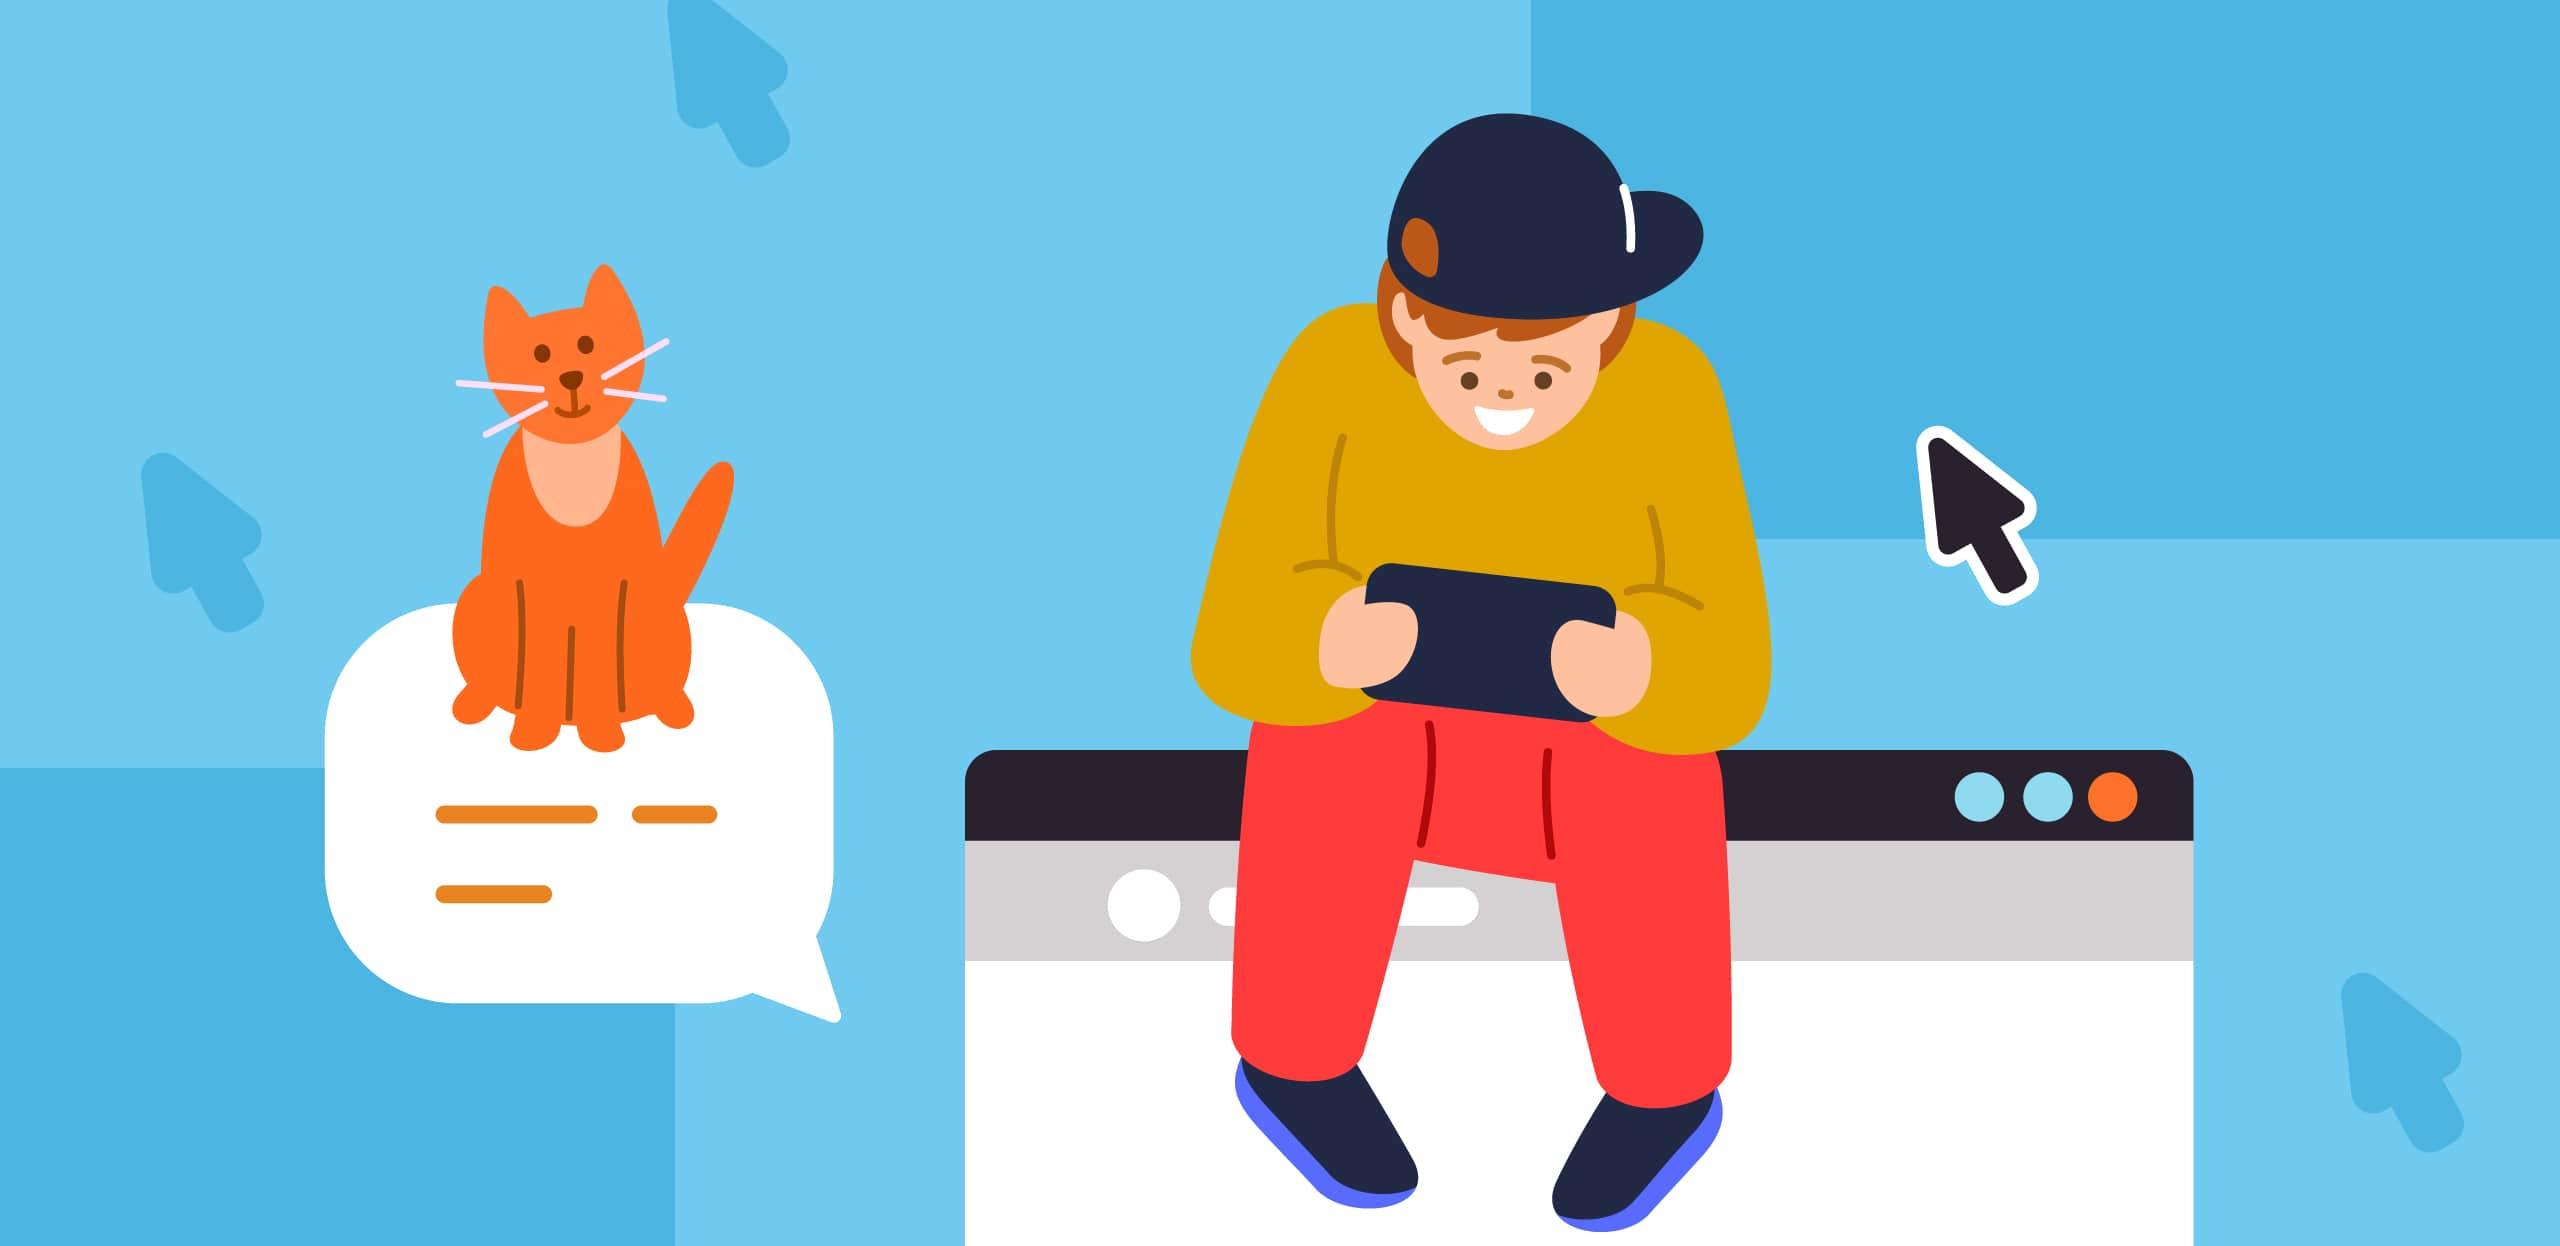 Исследование ОК: 51% пользователей рунета регулярно говорят с детьми о безопасном поведении в сети